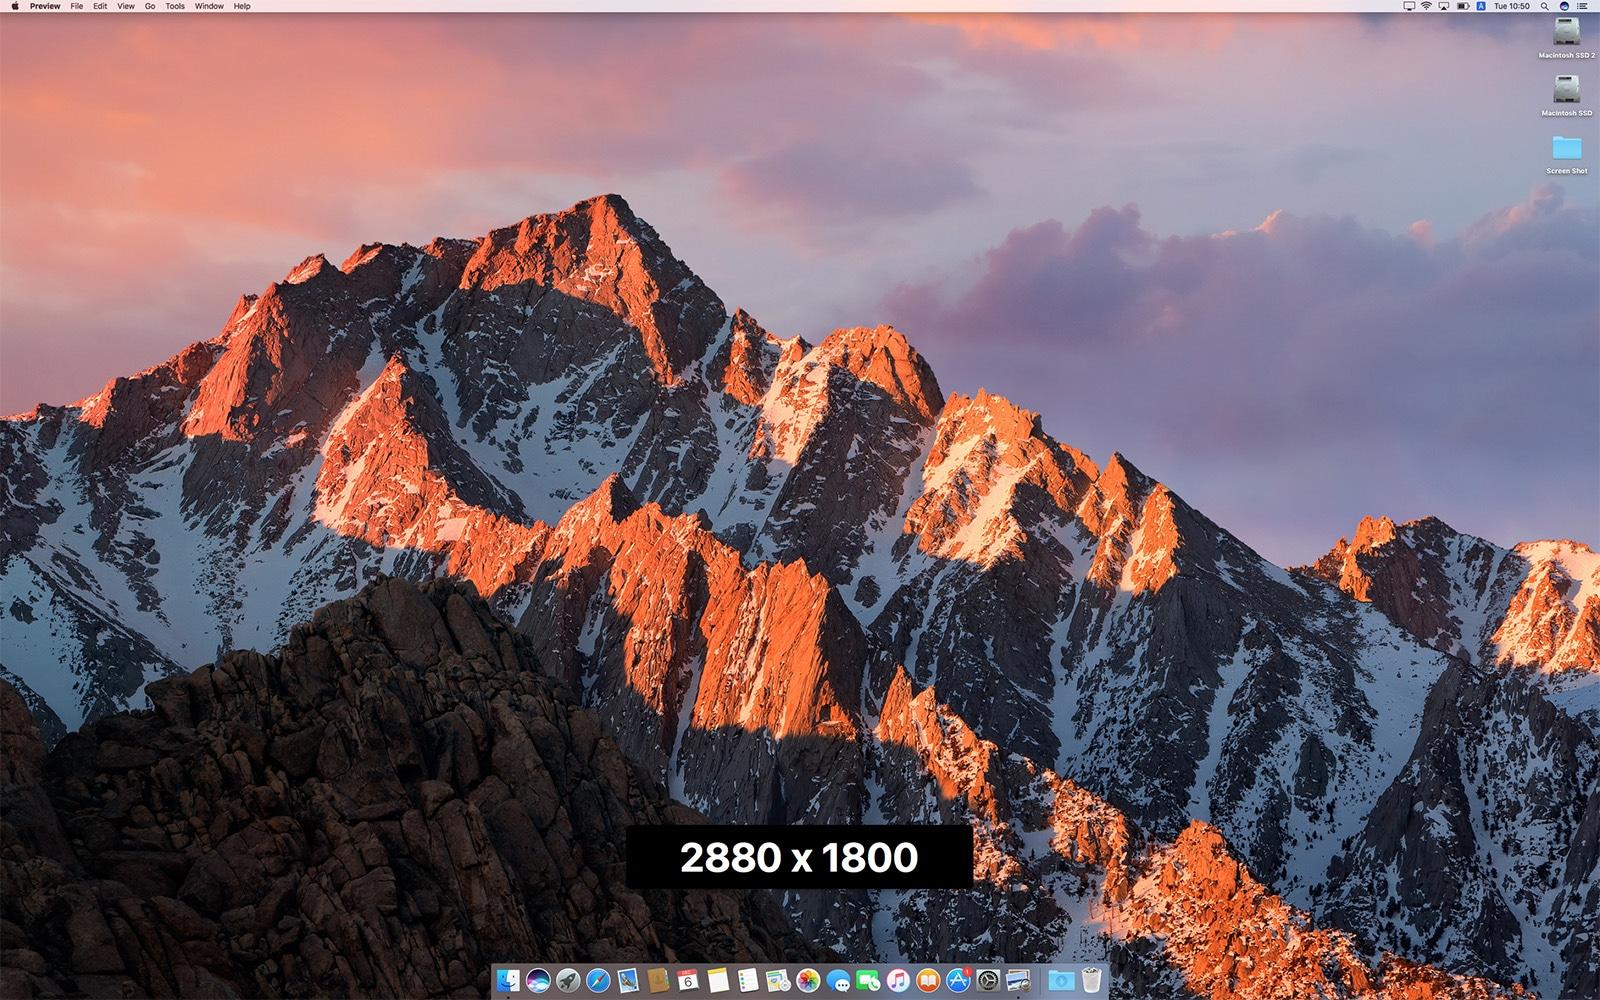 QuickRes 解像度変更 2,880 x 1,800